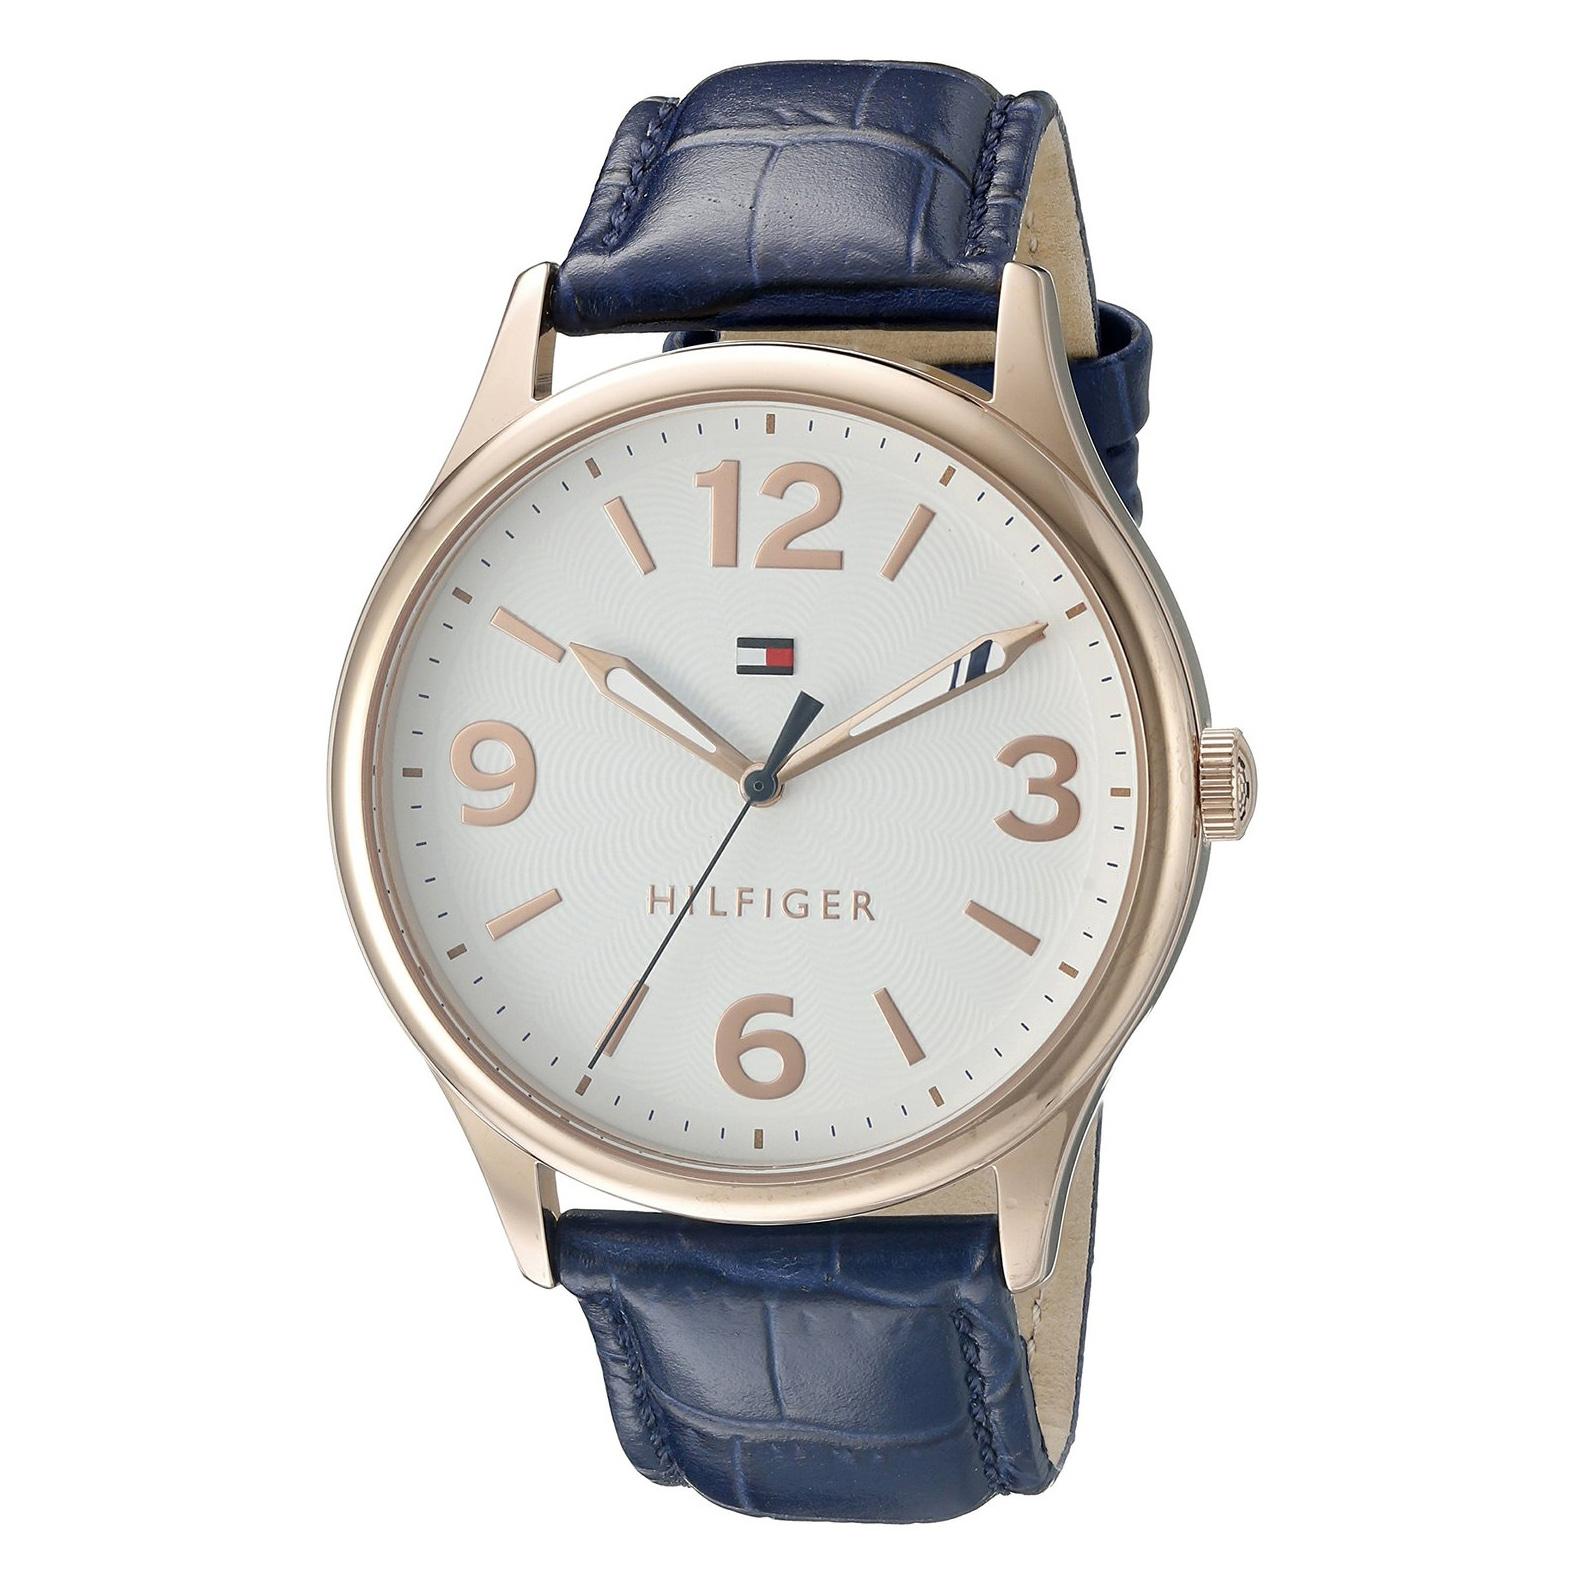 美國百分百【全新真品】Tommy Hilfiger 配件 手錶 TH 腕錶 石英 皮質 深藍 女錶 手鍊 禮盒 G104